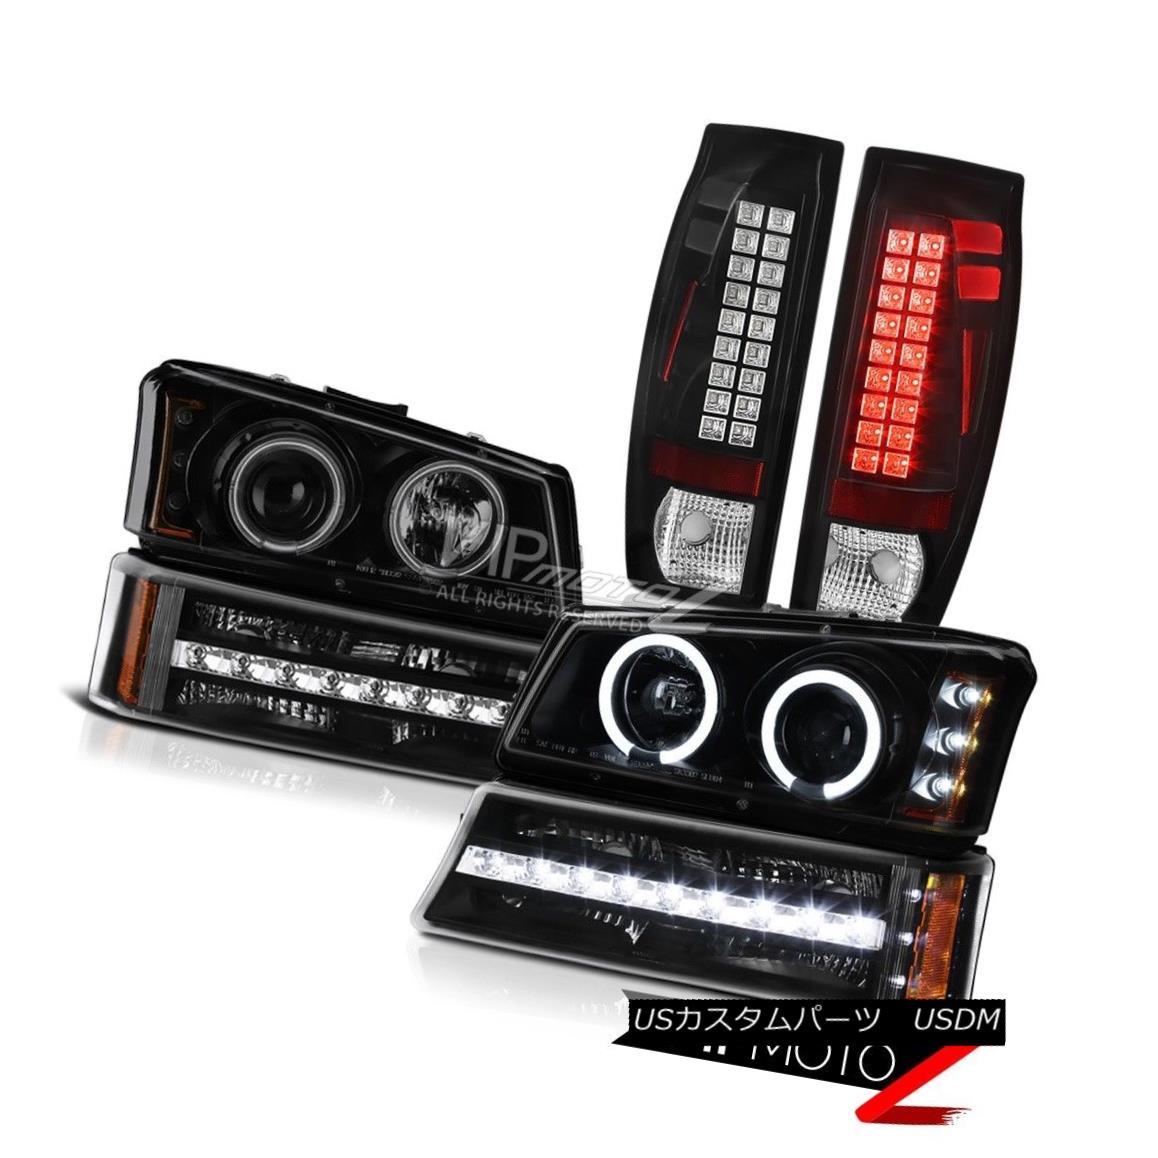 ヘッドライト 03-06 Avalanche Inky Black Taillamps Signal Light Sinister Projector Headlights 03-06雪崩Inky Black Taillampsシグナルライトサニスタープロジェクターヘッドライト